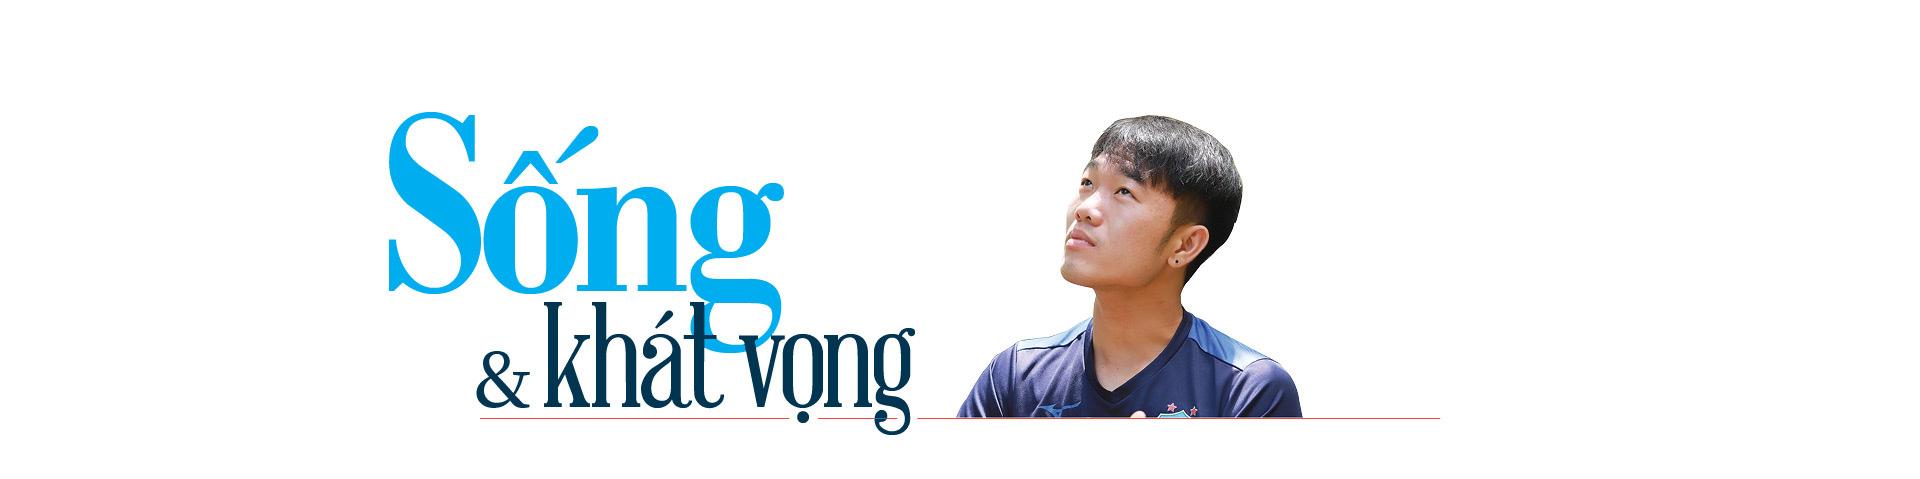 """Tiền vệ Lương Xuân Trường: """"Tôi muốn sống đẹp trong từng khoảnh khắc"""" - Ảnh 1."""